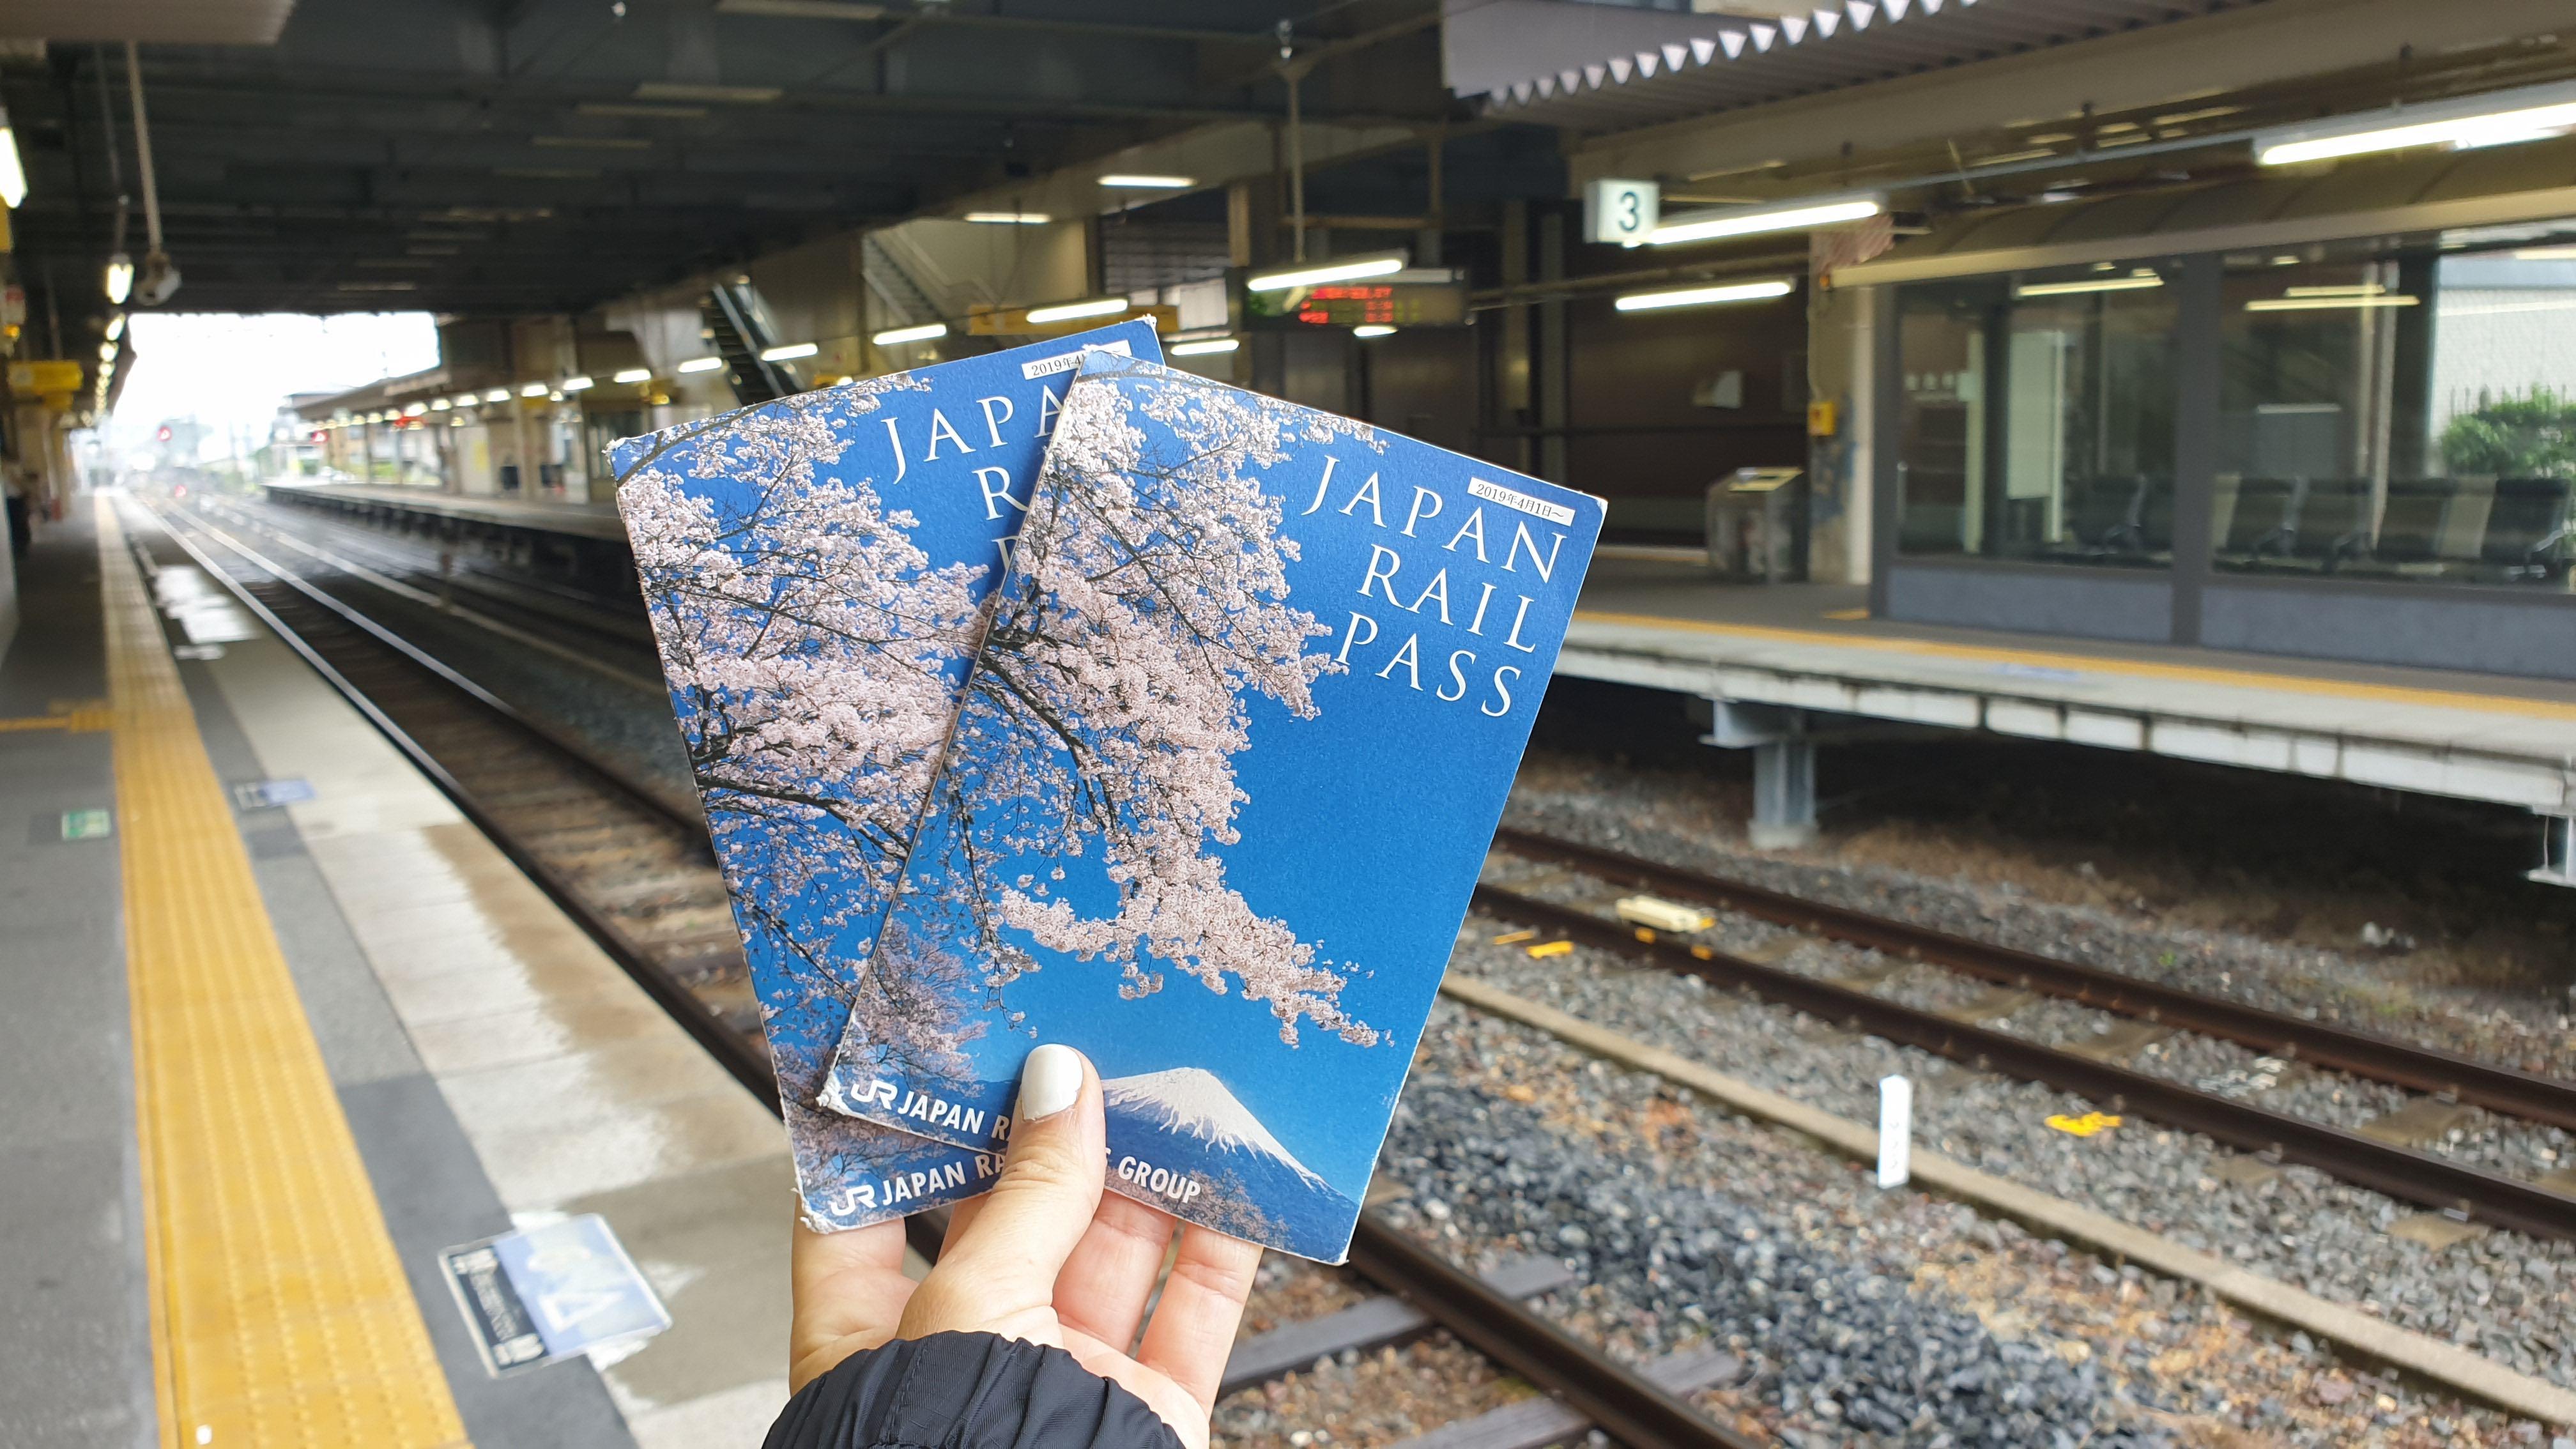 Consejos para viajar a Japón, Japan Rail Pass